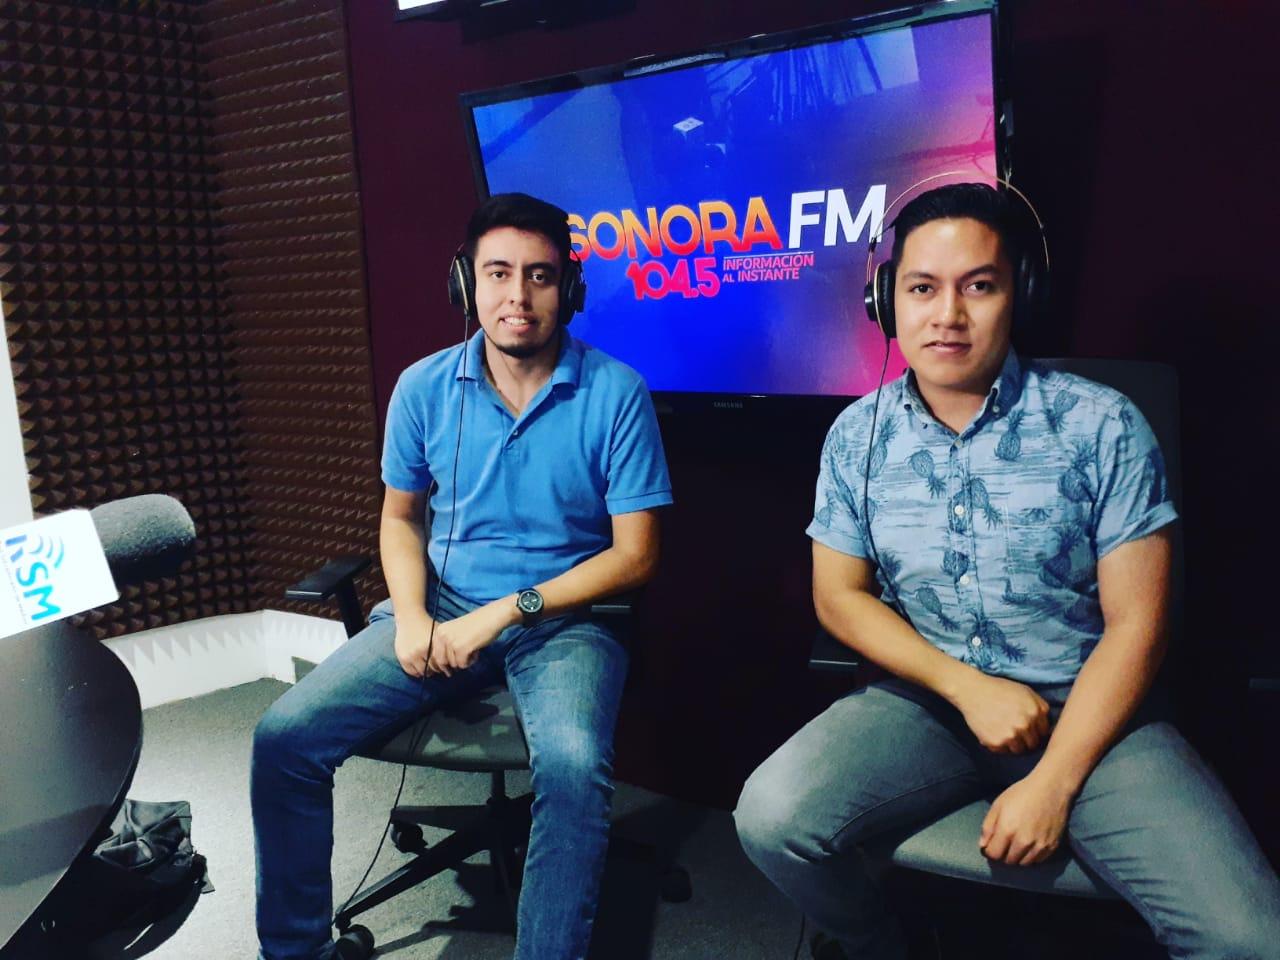 Cabina Radio Sonora FM